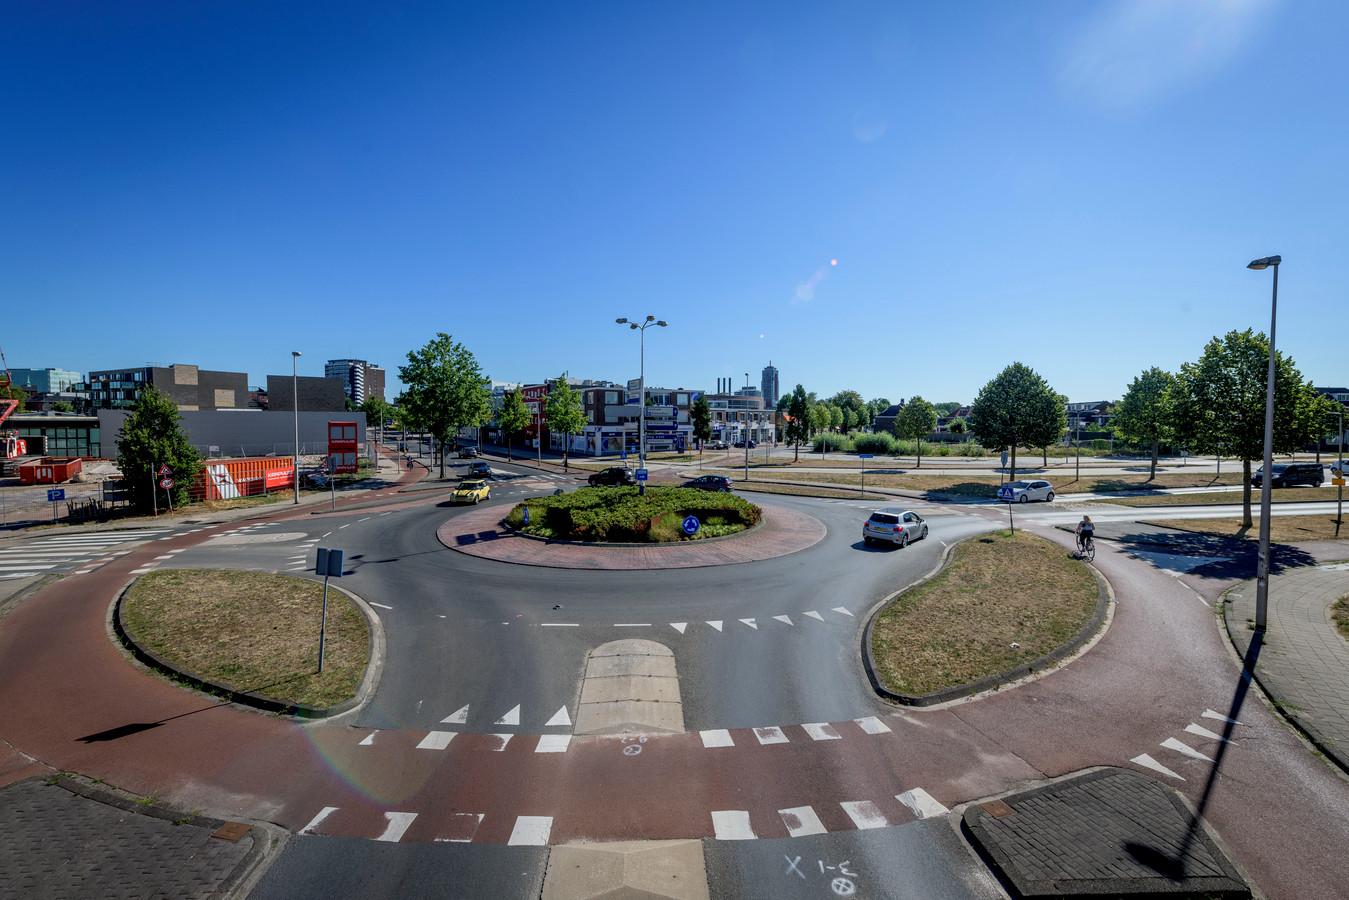 De rotonde Zuiderval/Haaksbergerstraat maakt plaats voor een kruispunt met verkeerslichten.